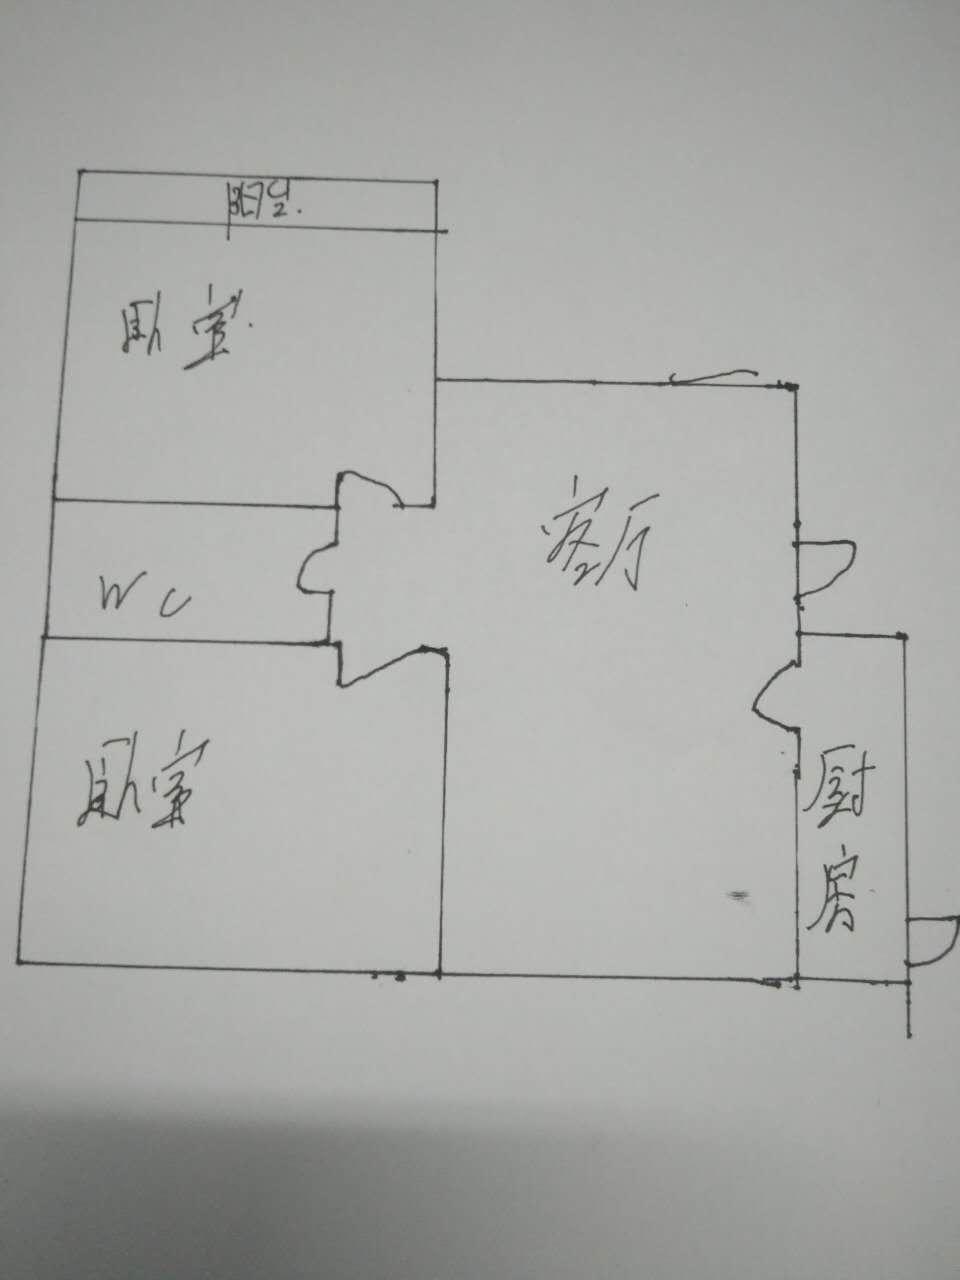 星河湾 2室2厅 12楼